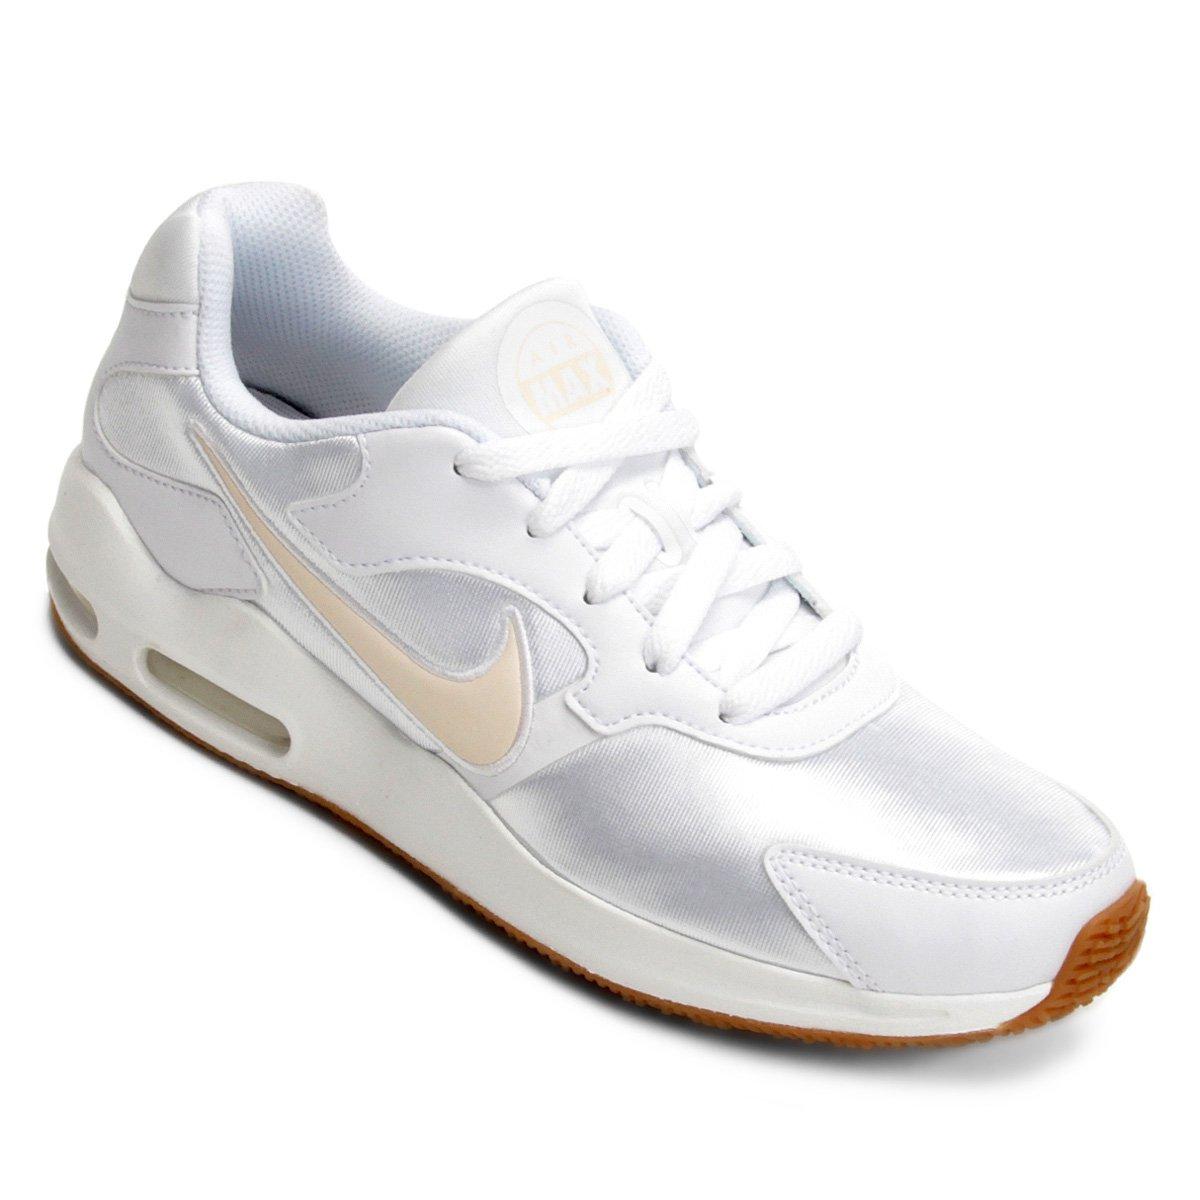 62365588a27d4 Tênis Nike Wmns Air Max Guile Feminino - Compre Agora